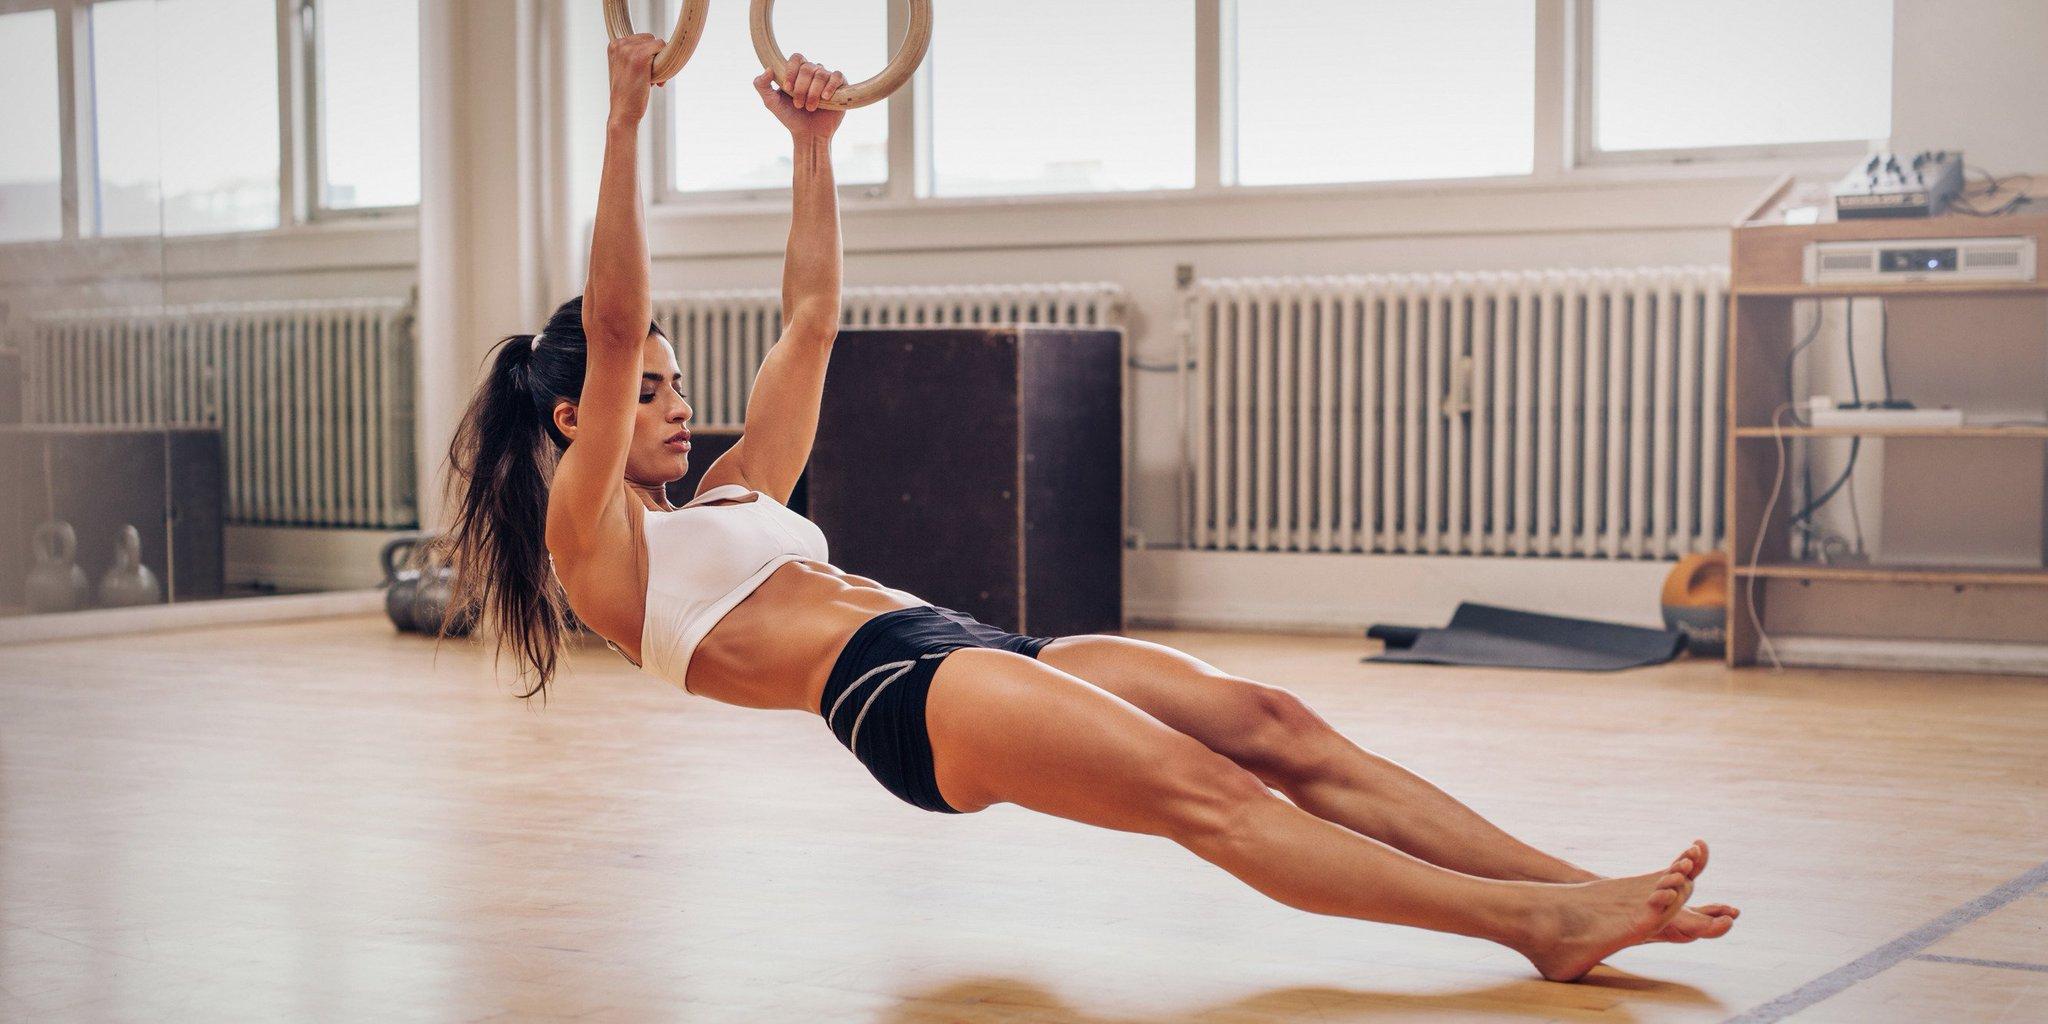 Табата-тренировки: самое полное руководство + готовый план упражнений